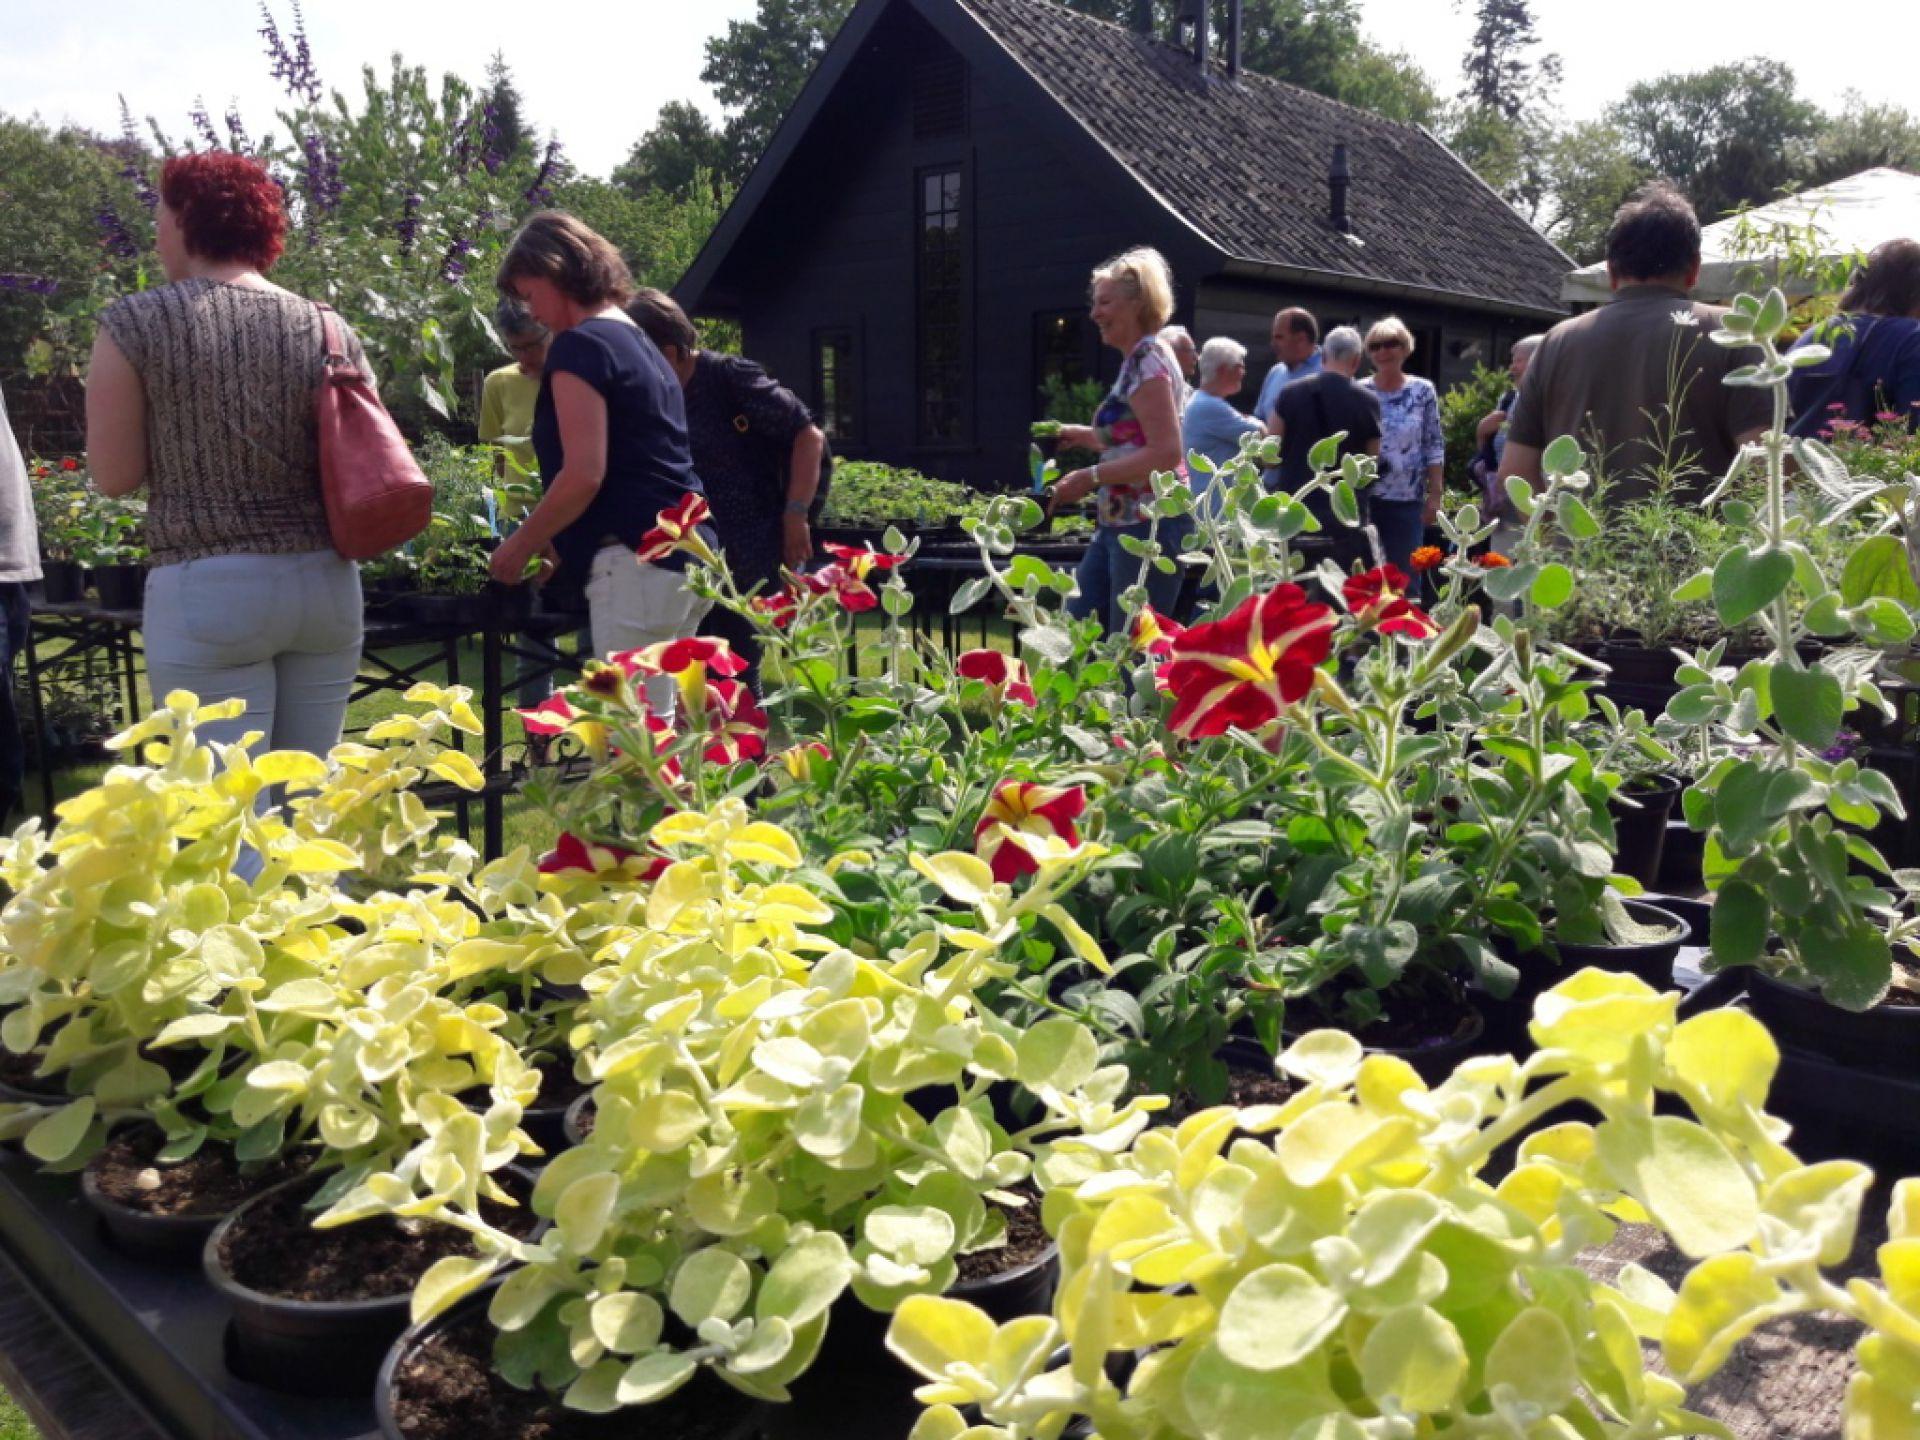 Moederdag plantenmarkt in moestuin Twickel